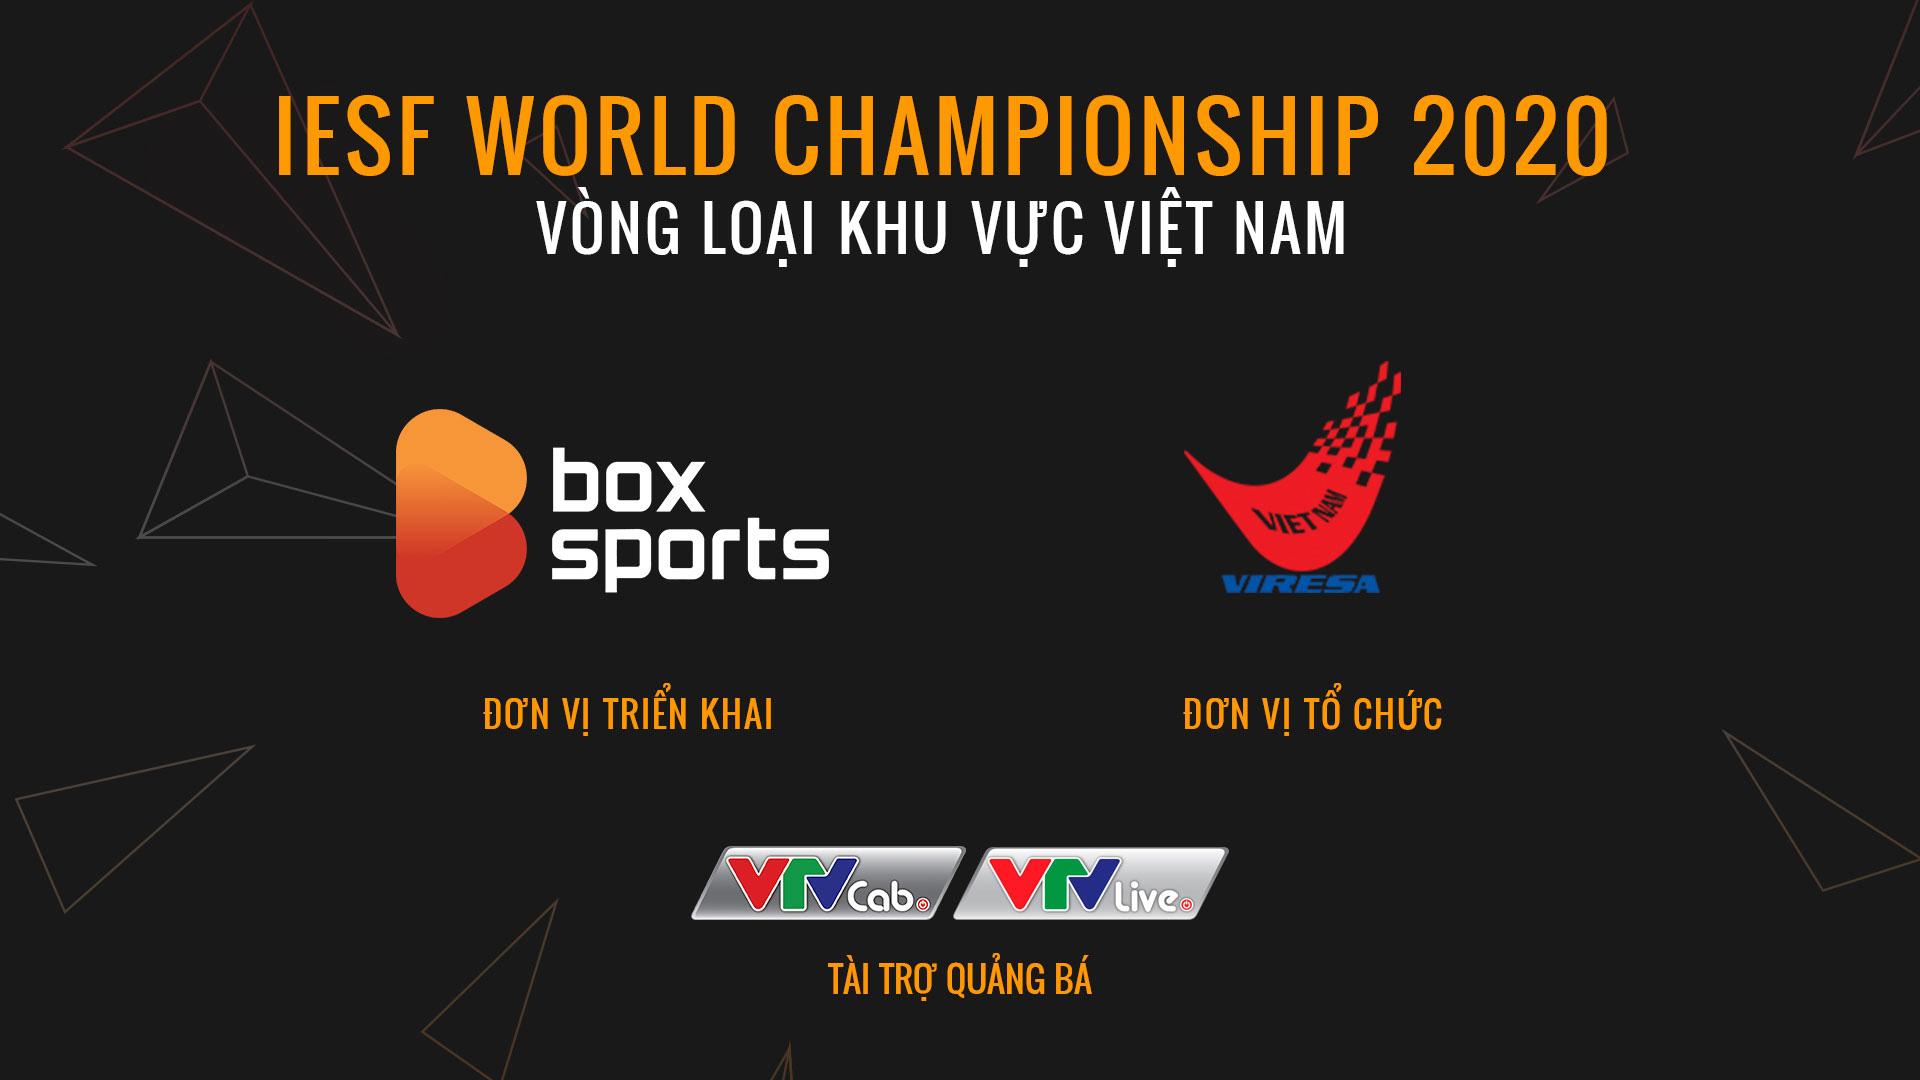 Lộ diện những gương mặt xuất sắc nhất Việt Nam dự giải vô địch thế giới Esports vào tháng 10 này - Ảnh 5.